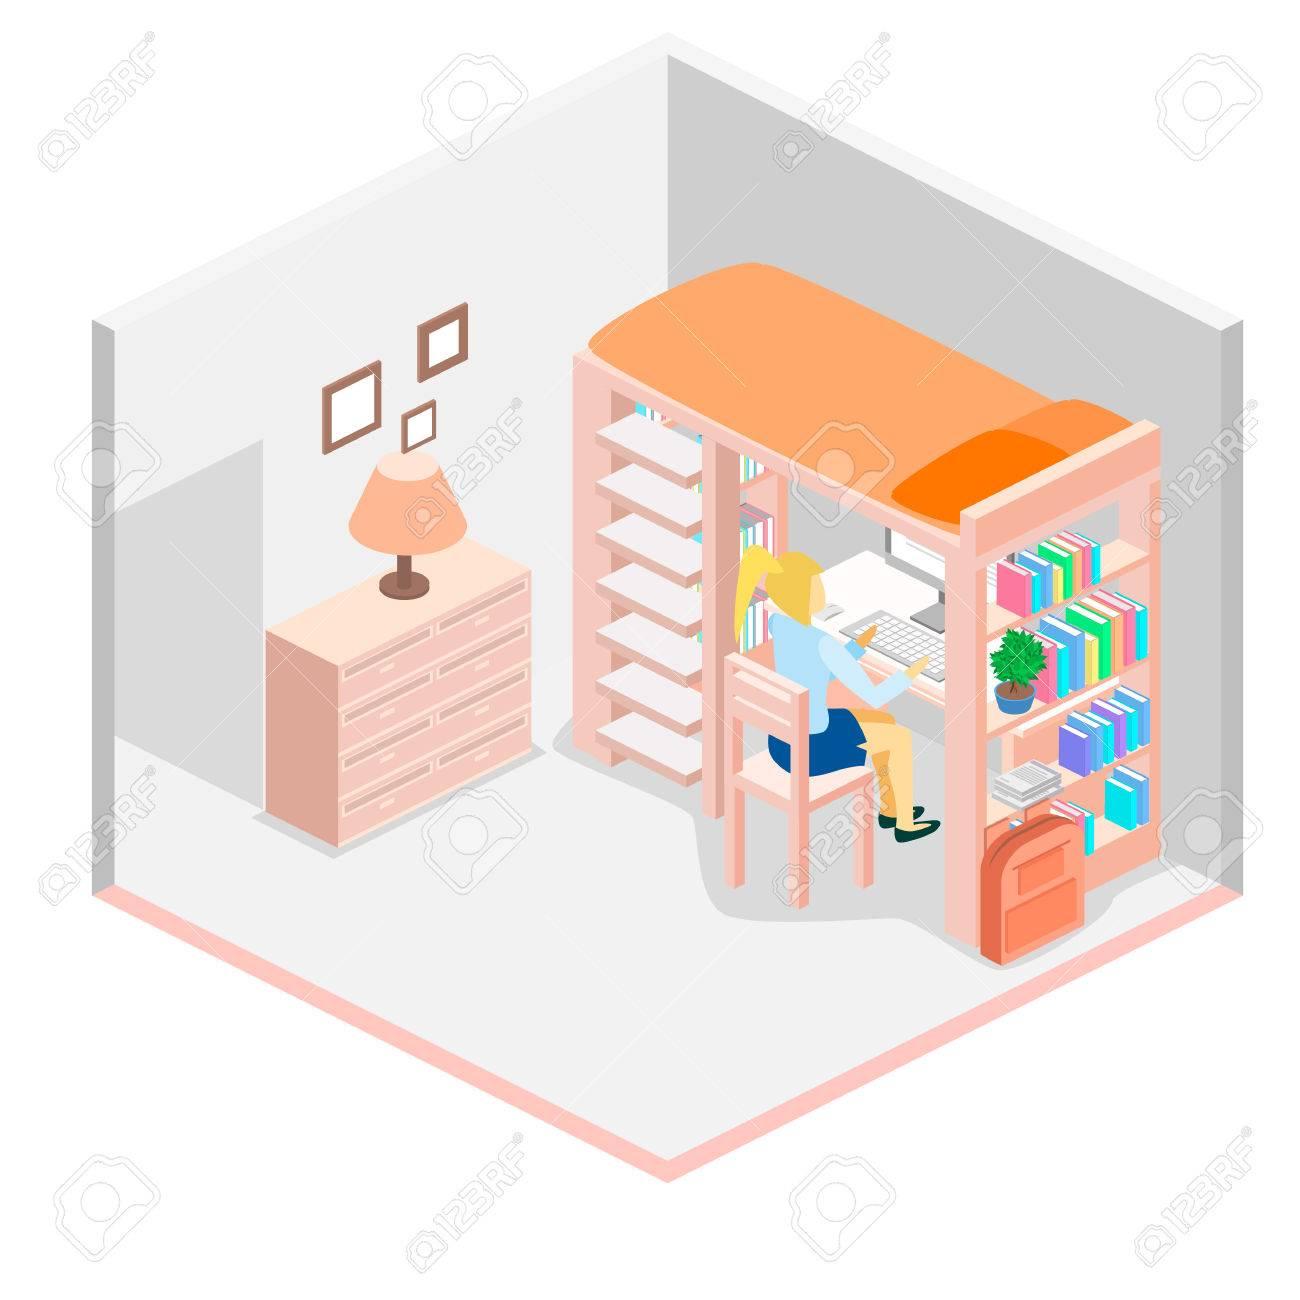 Lieu de travail isométrique pour enfant. Chambre d'enfant. Lit mezzanine avec chaise de table et des livres. Flat illustration 3D. Ensemble de